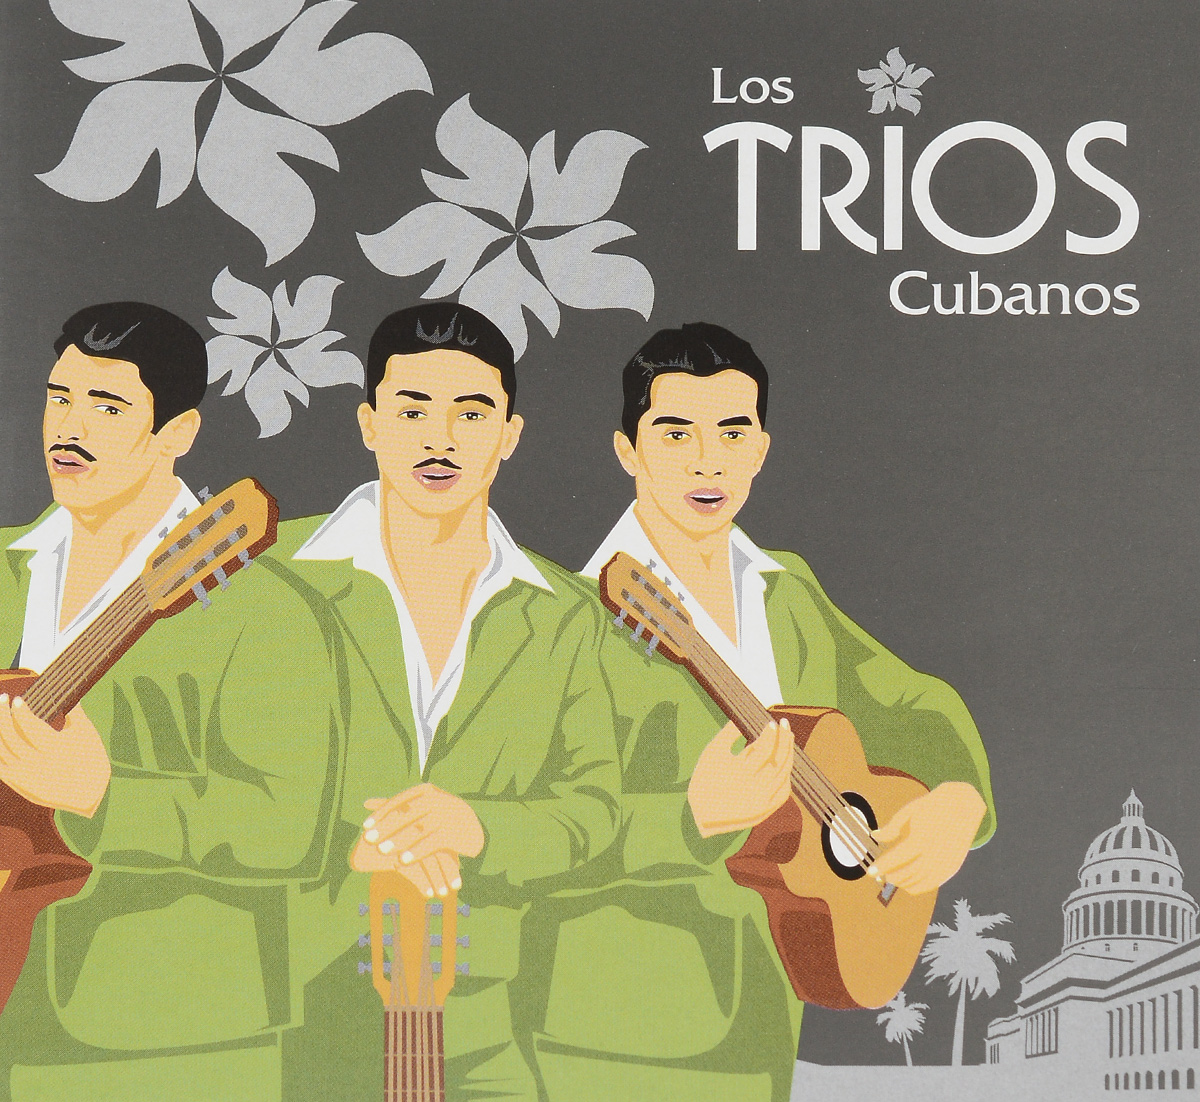 Los Trios Cubanos a shattered empire